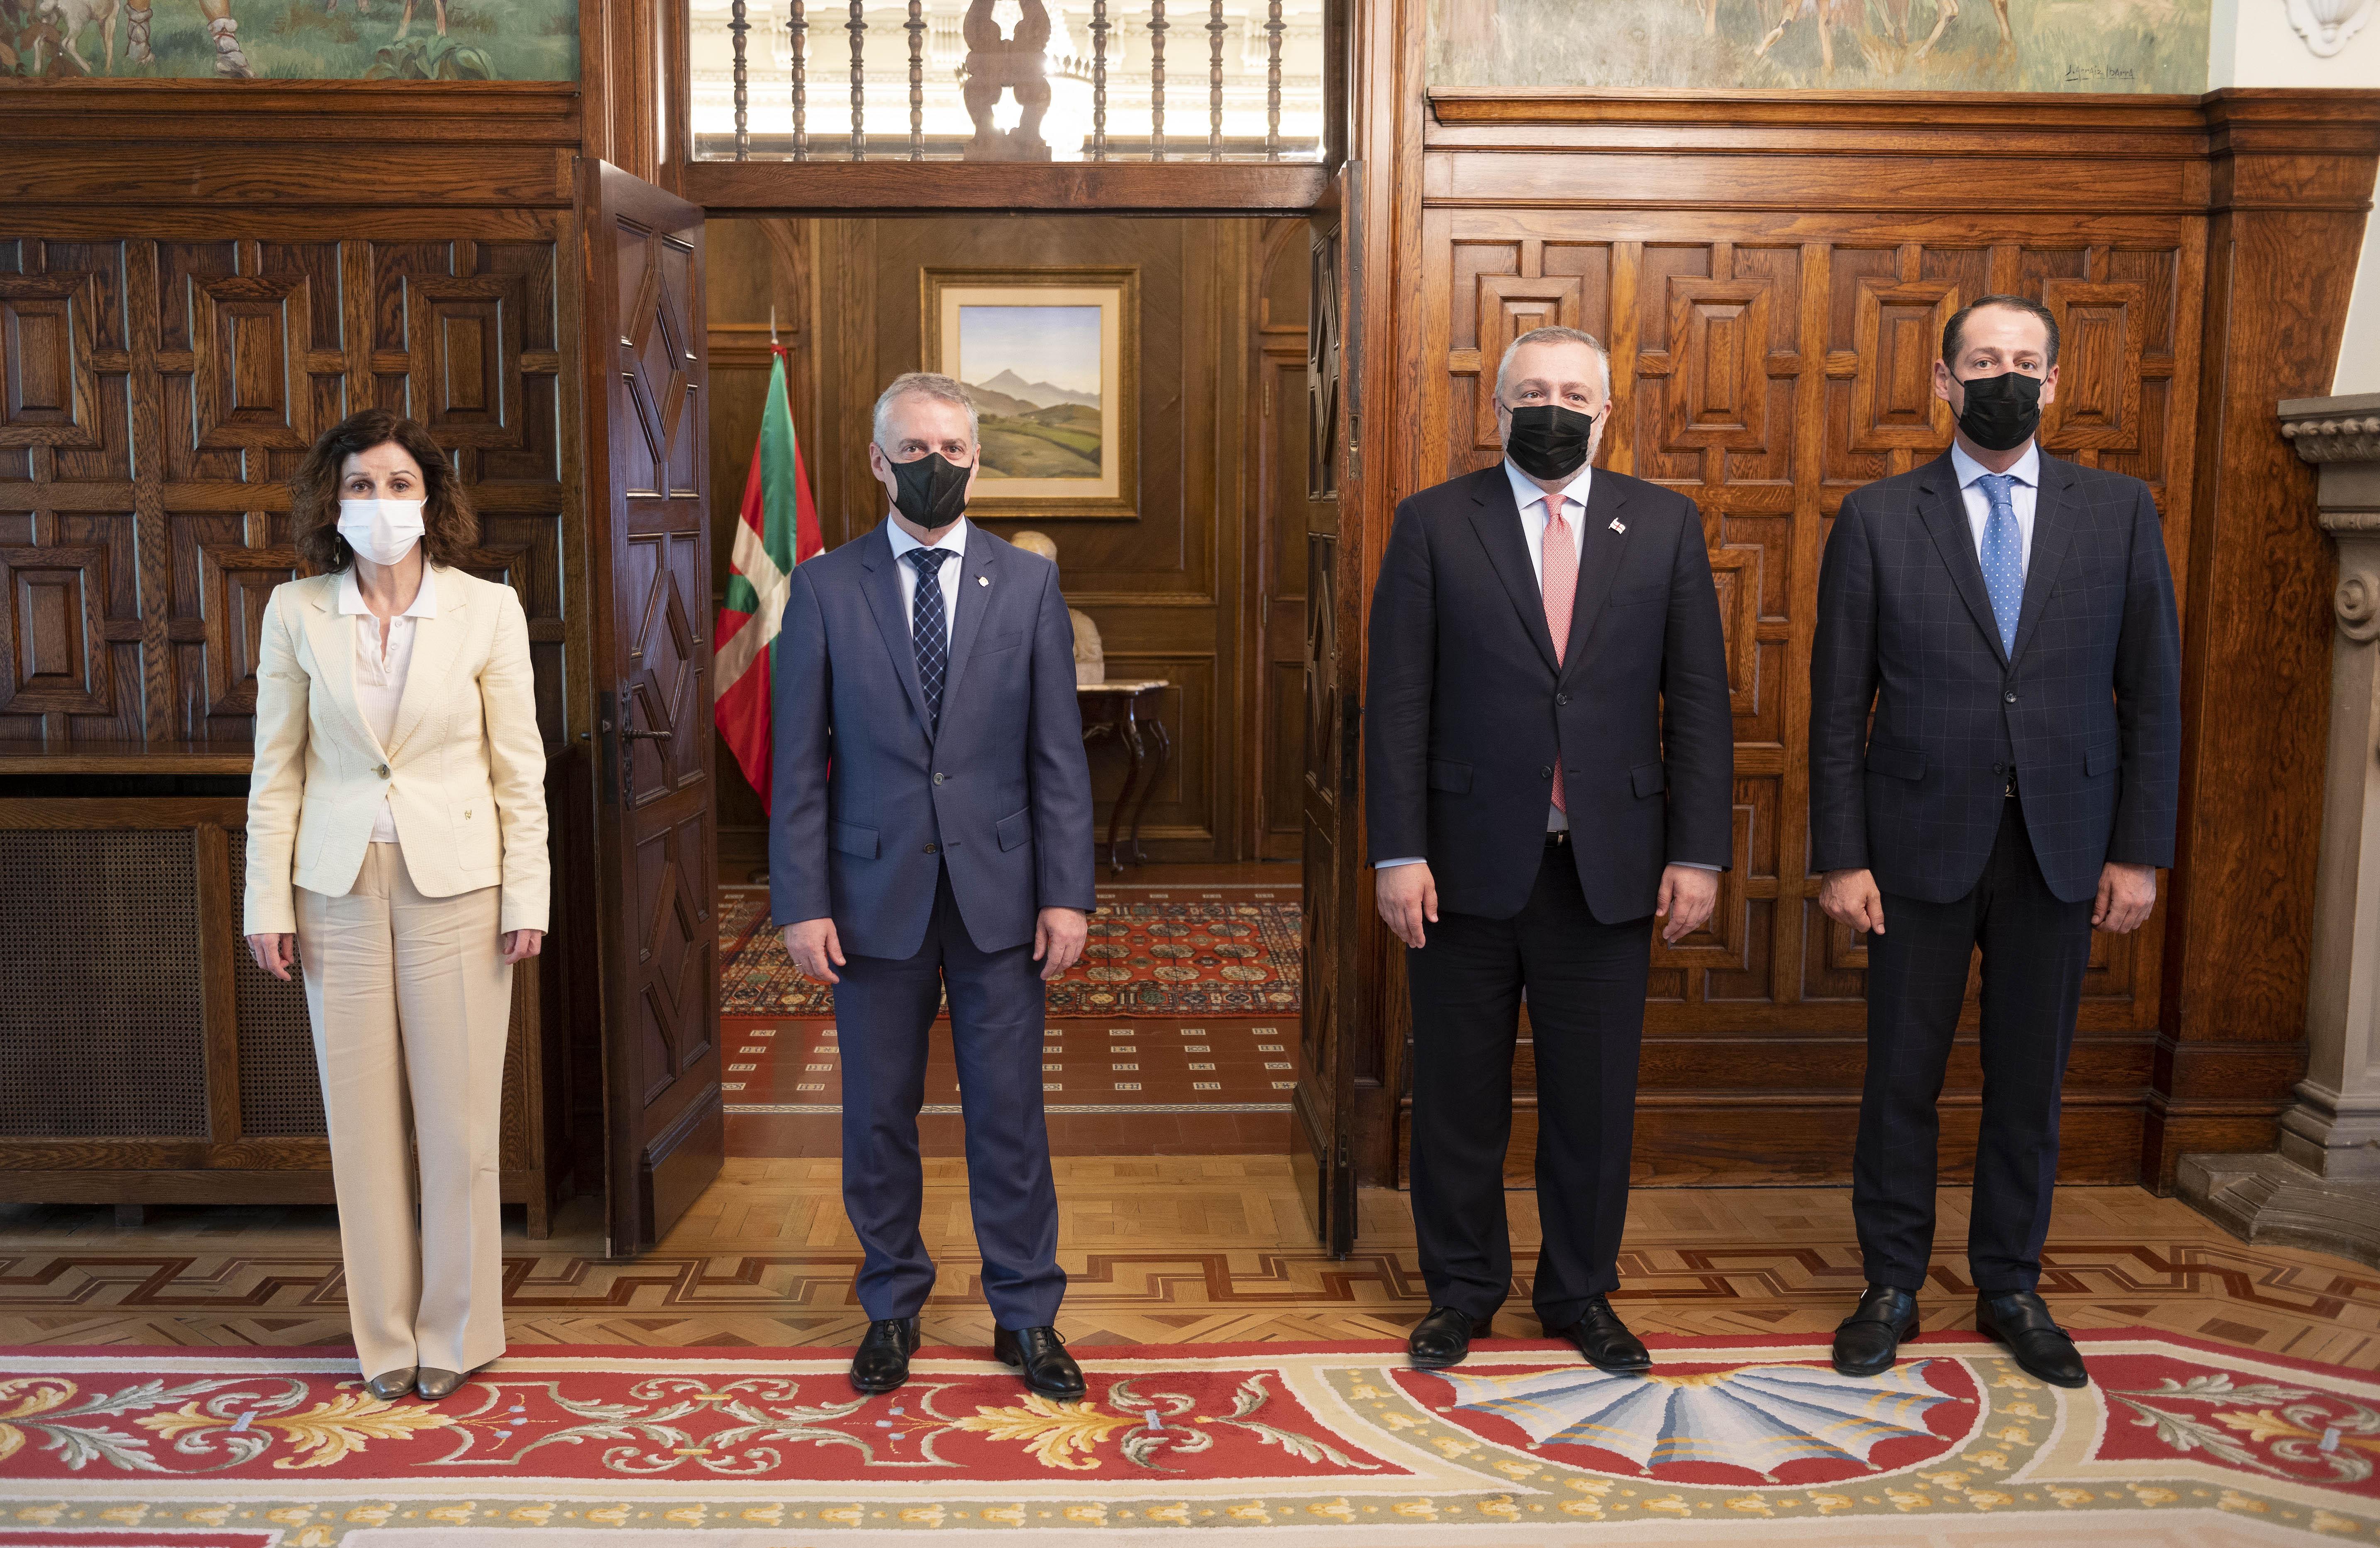 2021_06_16_lhk_embajador_georgia_03.jpg